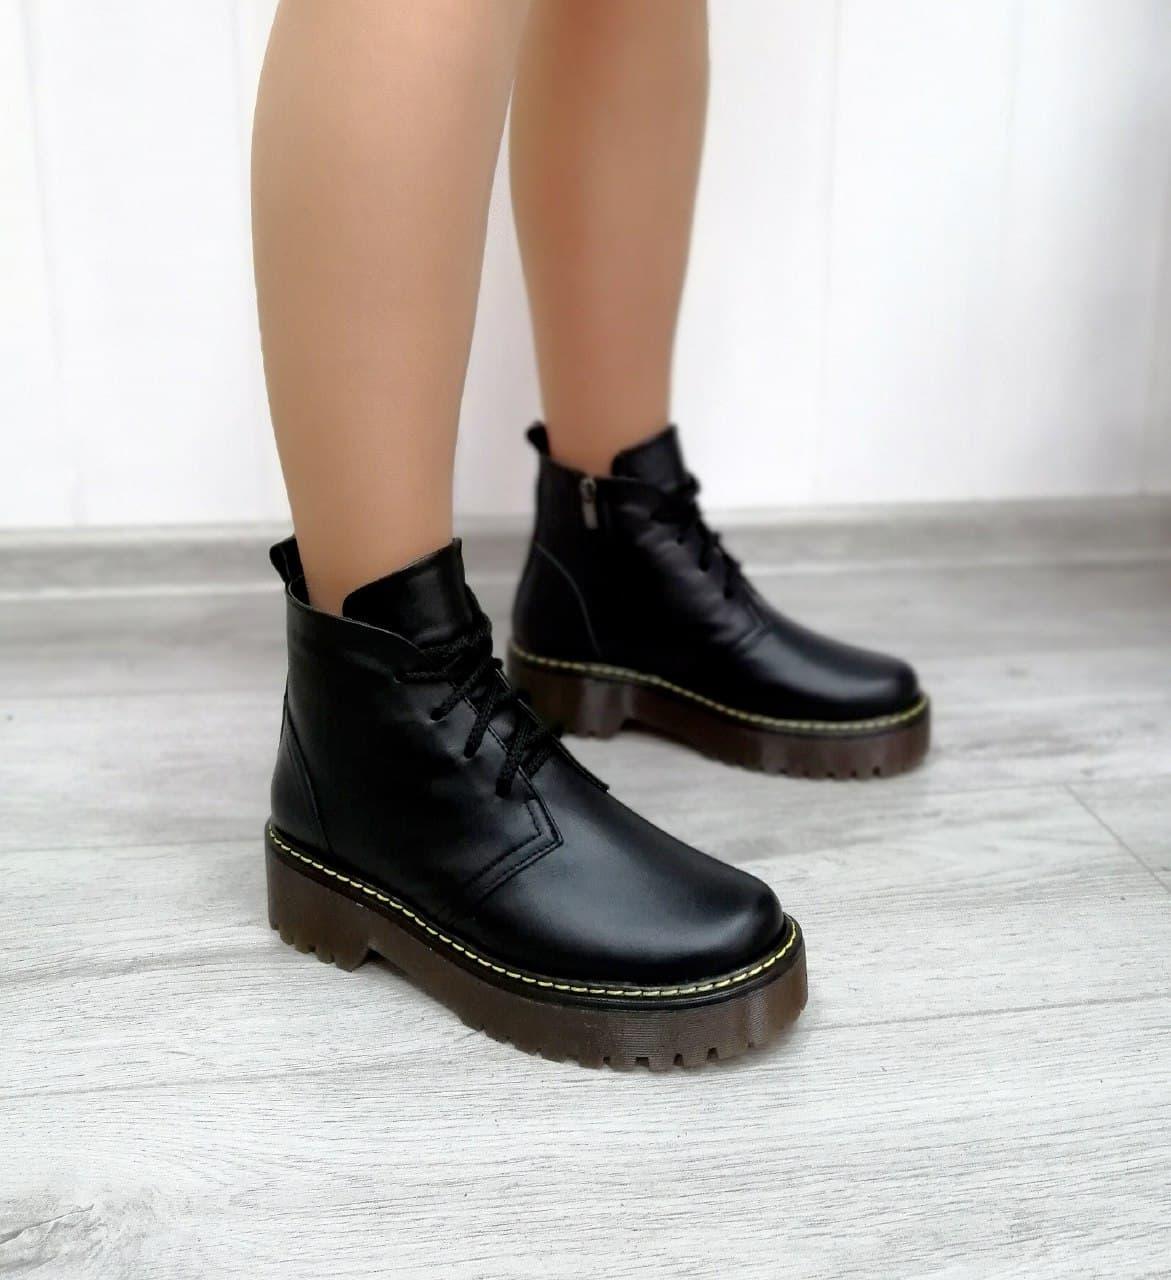 Шкіряні жіночі черевики на платформі чорного кольору